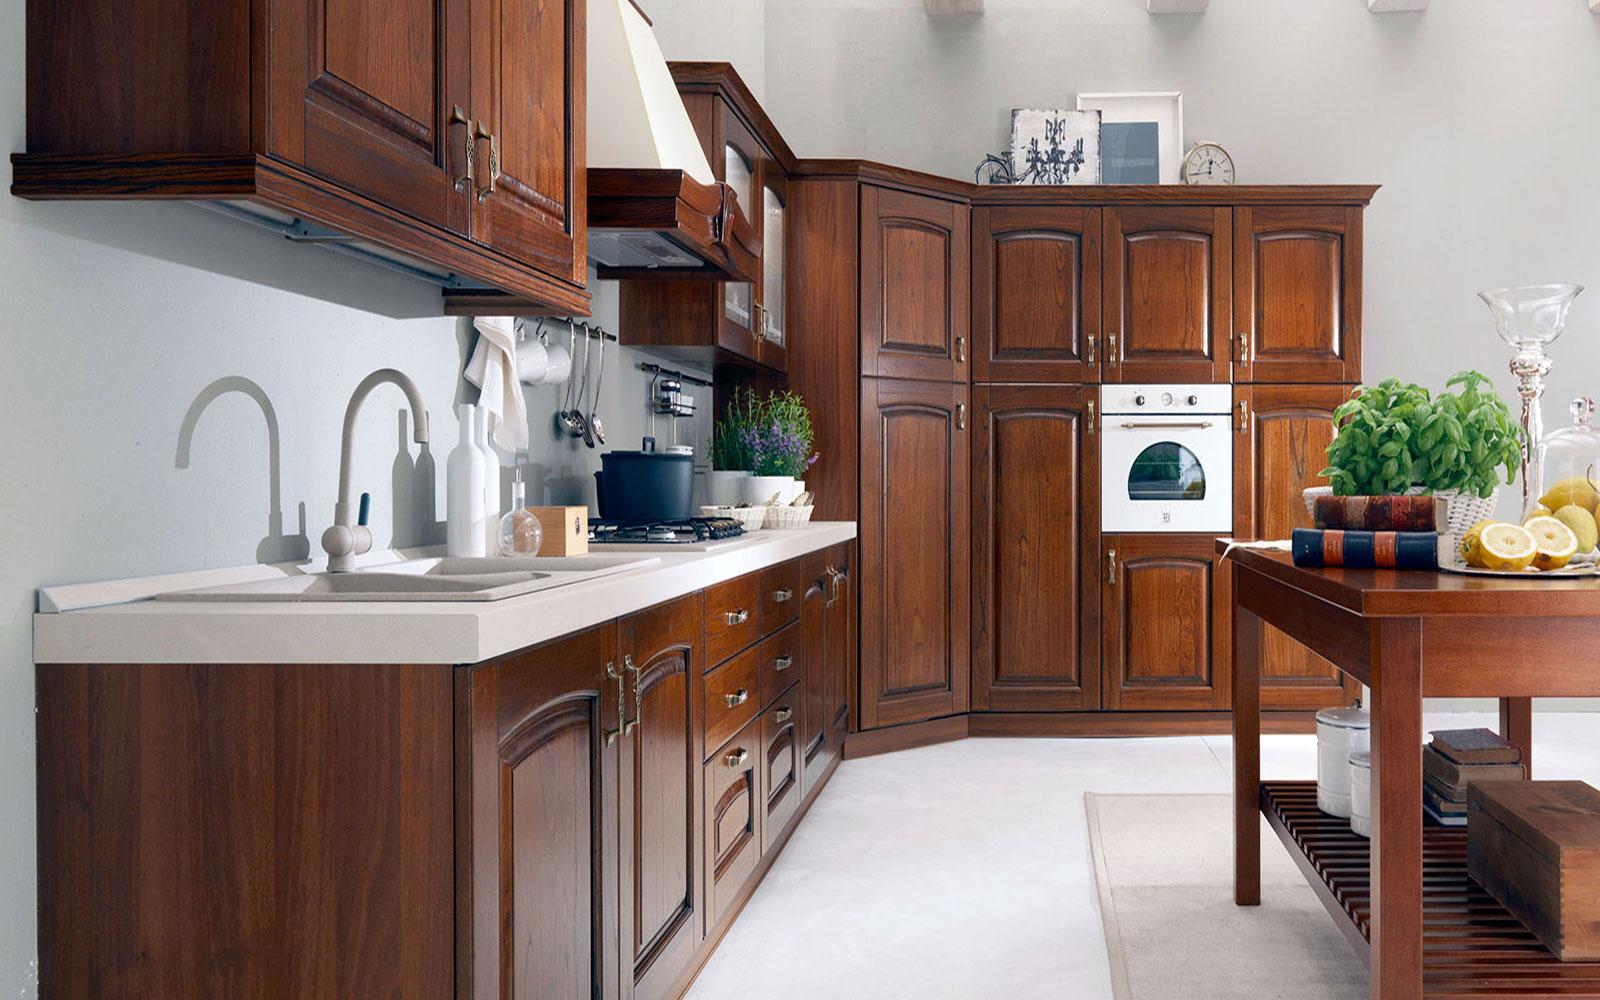 Cucine old style fuori salone doimo cucine with cucine for Harte arredamenti